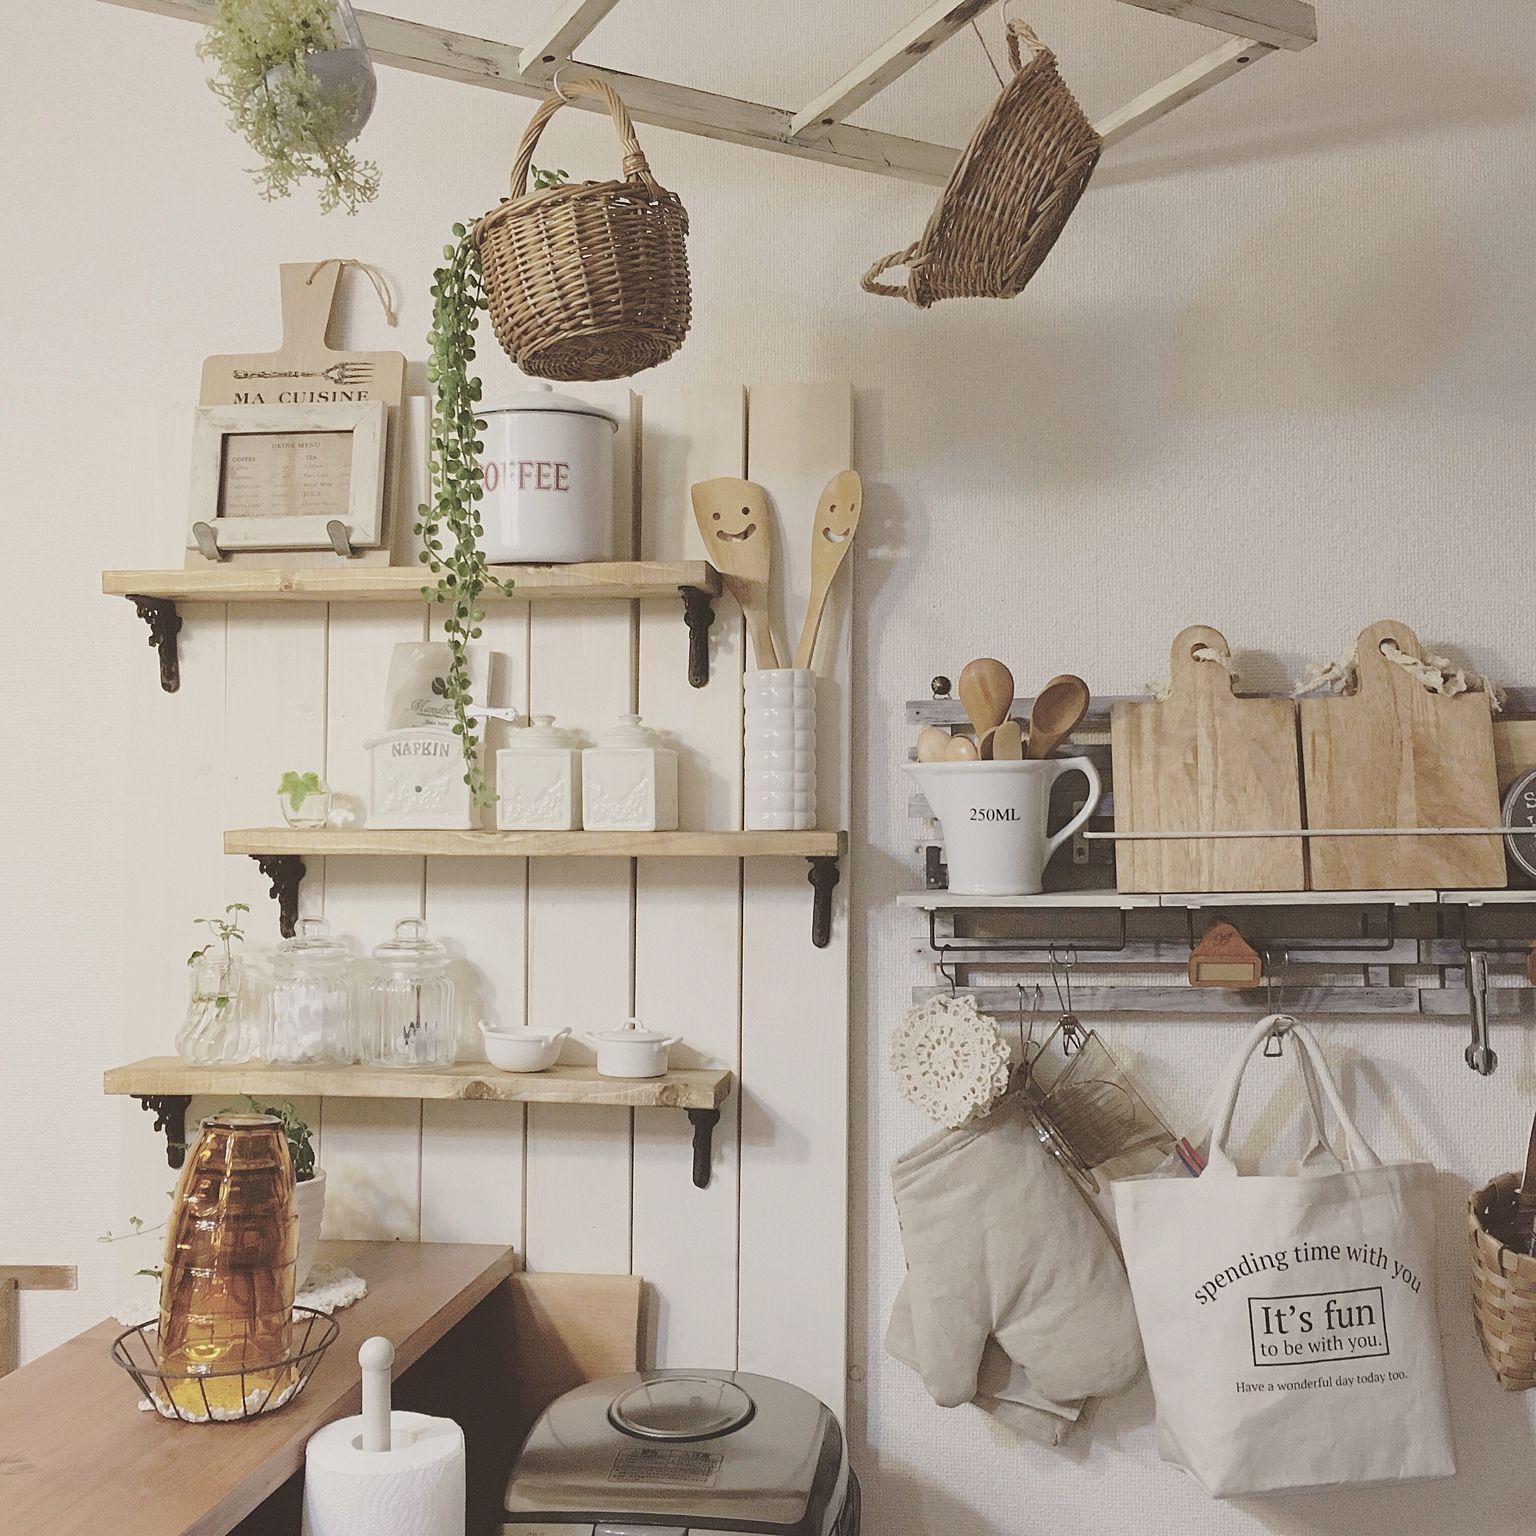 棚 キッチン収納 壁面収納 賃貸 ナチュラル などのインテリア実例